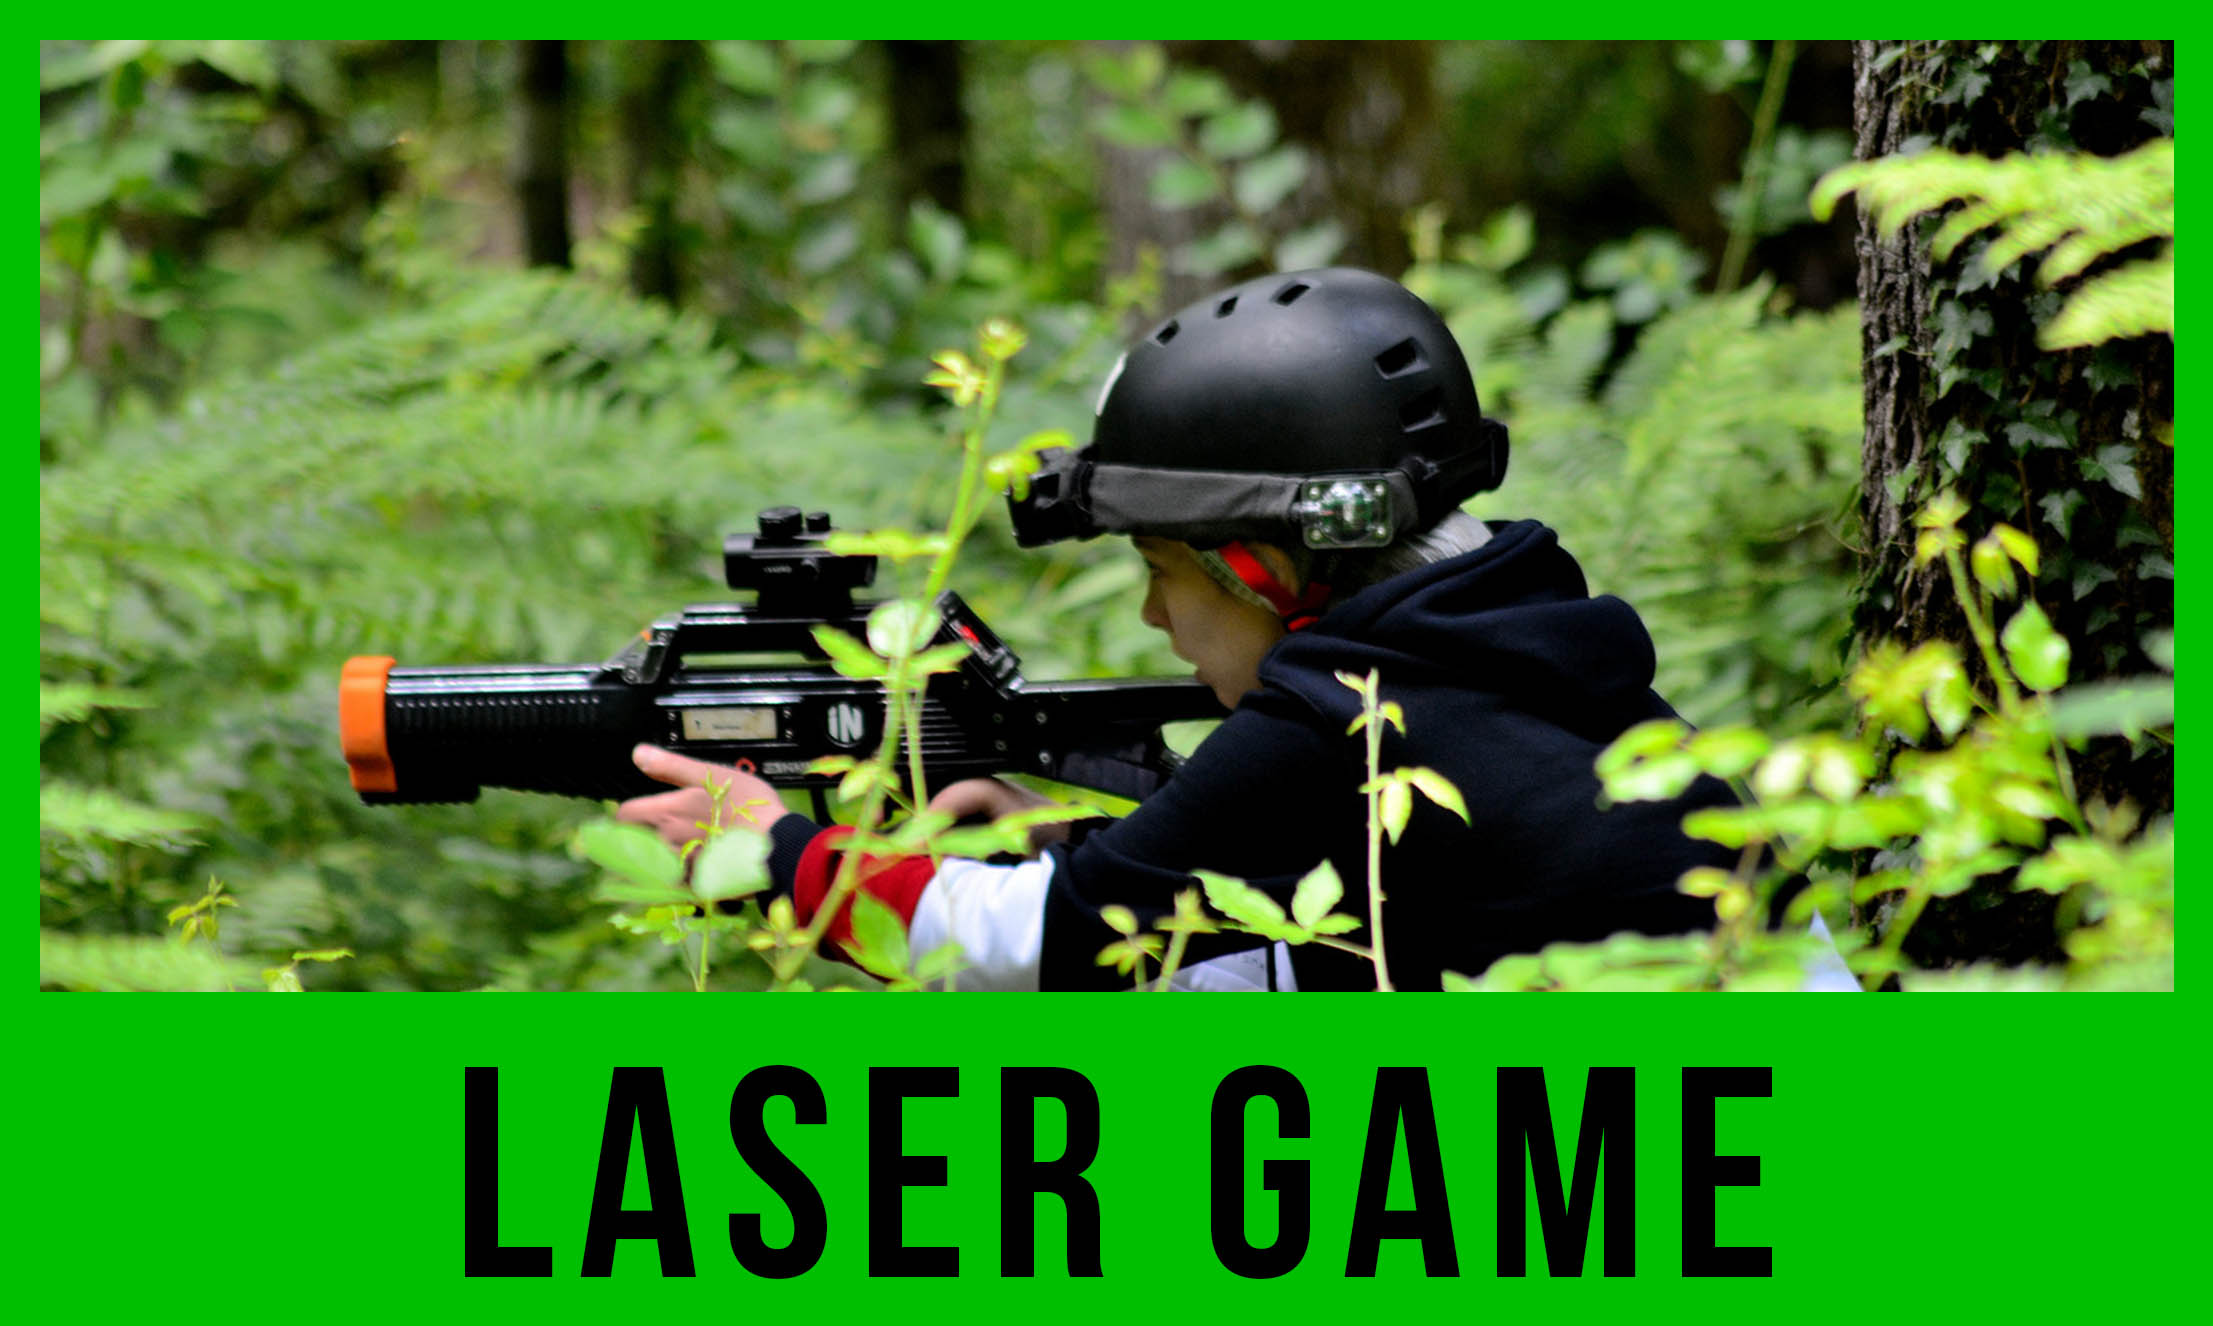 laser game à l'extérieur